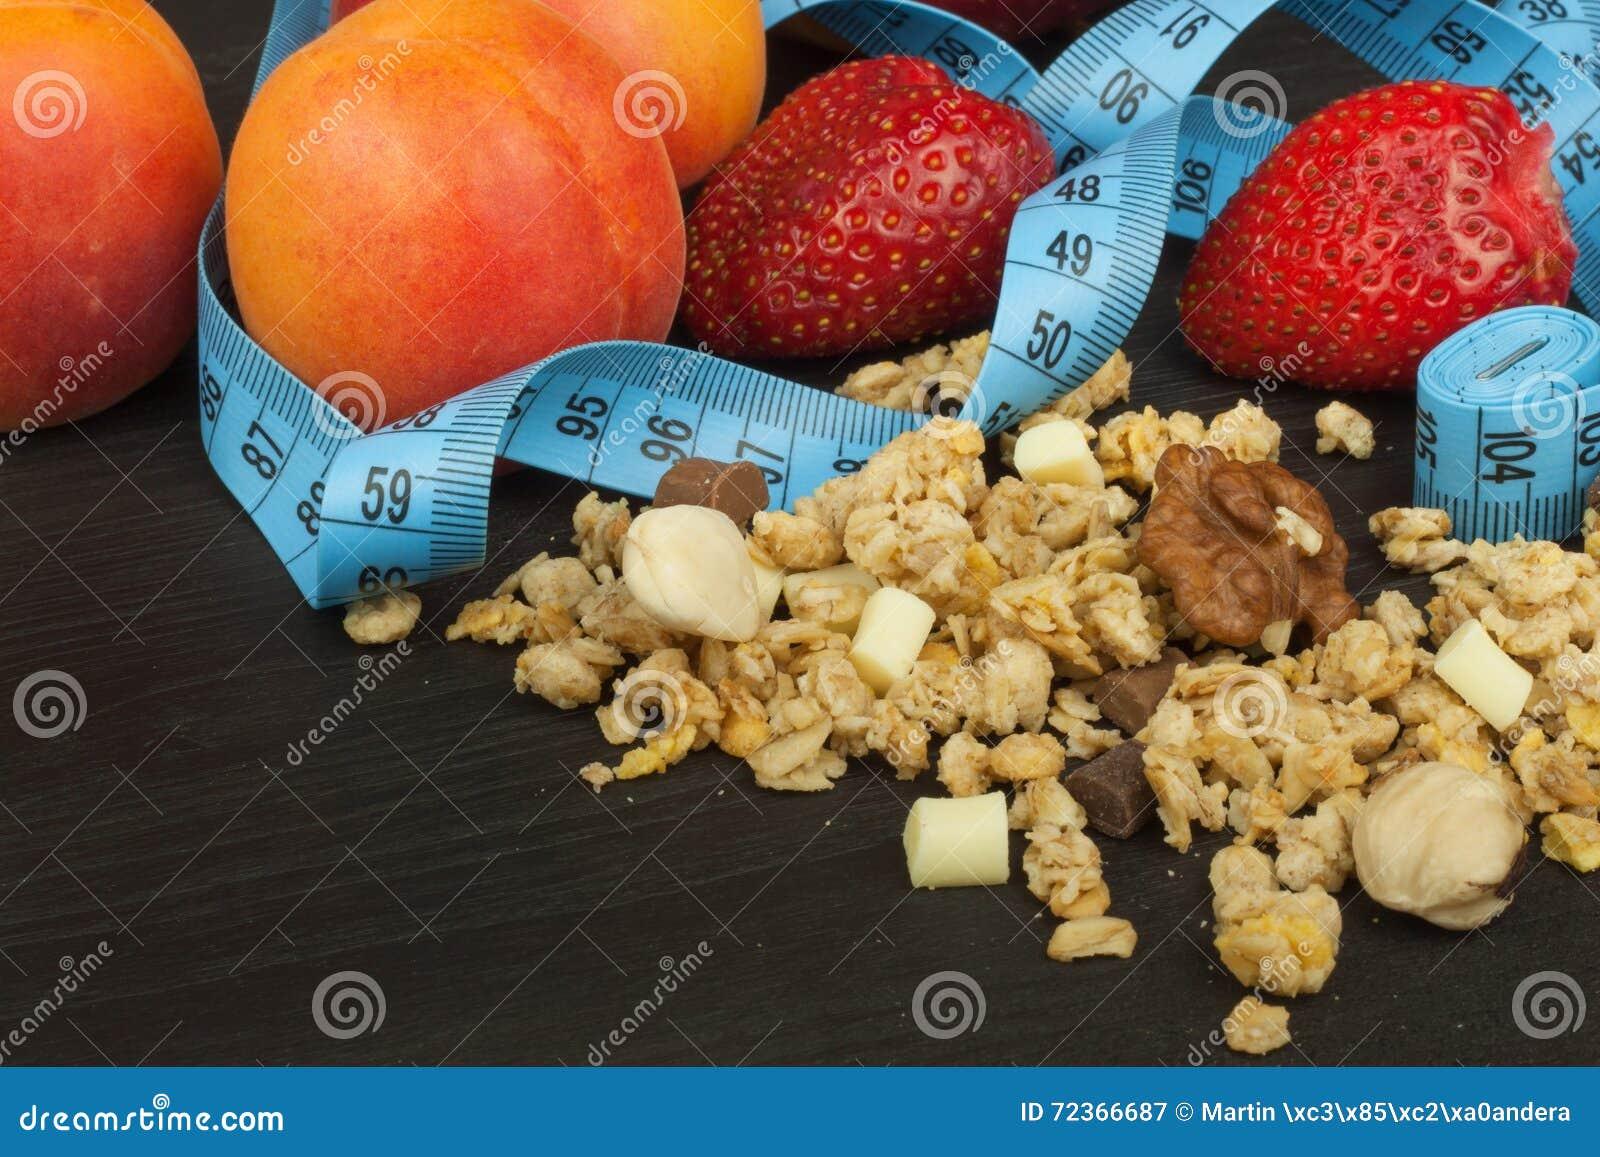 溢出的Cheerios谷物用巧克力 运动员的健康膳食补充剂 早餐Muesli和果子的Cheerios